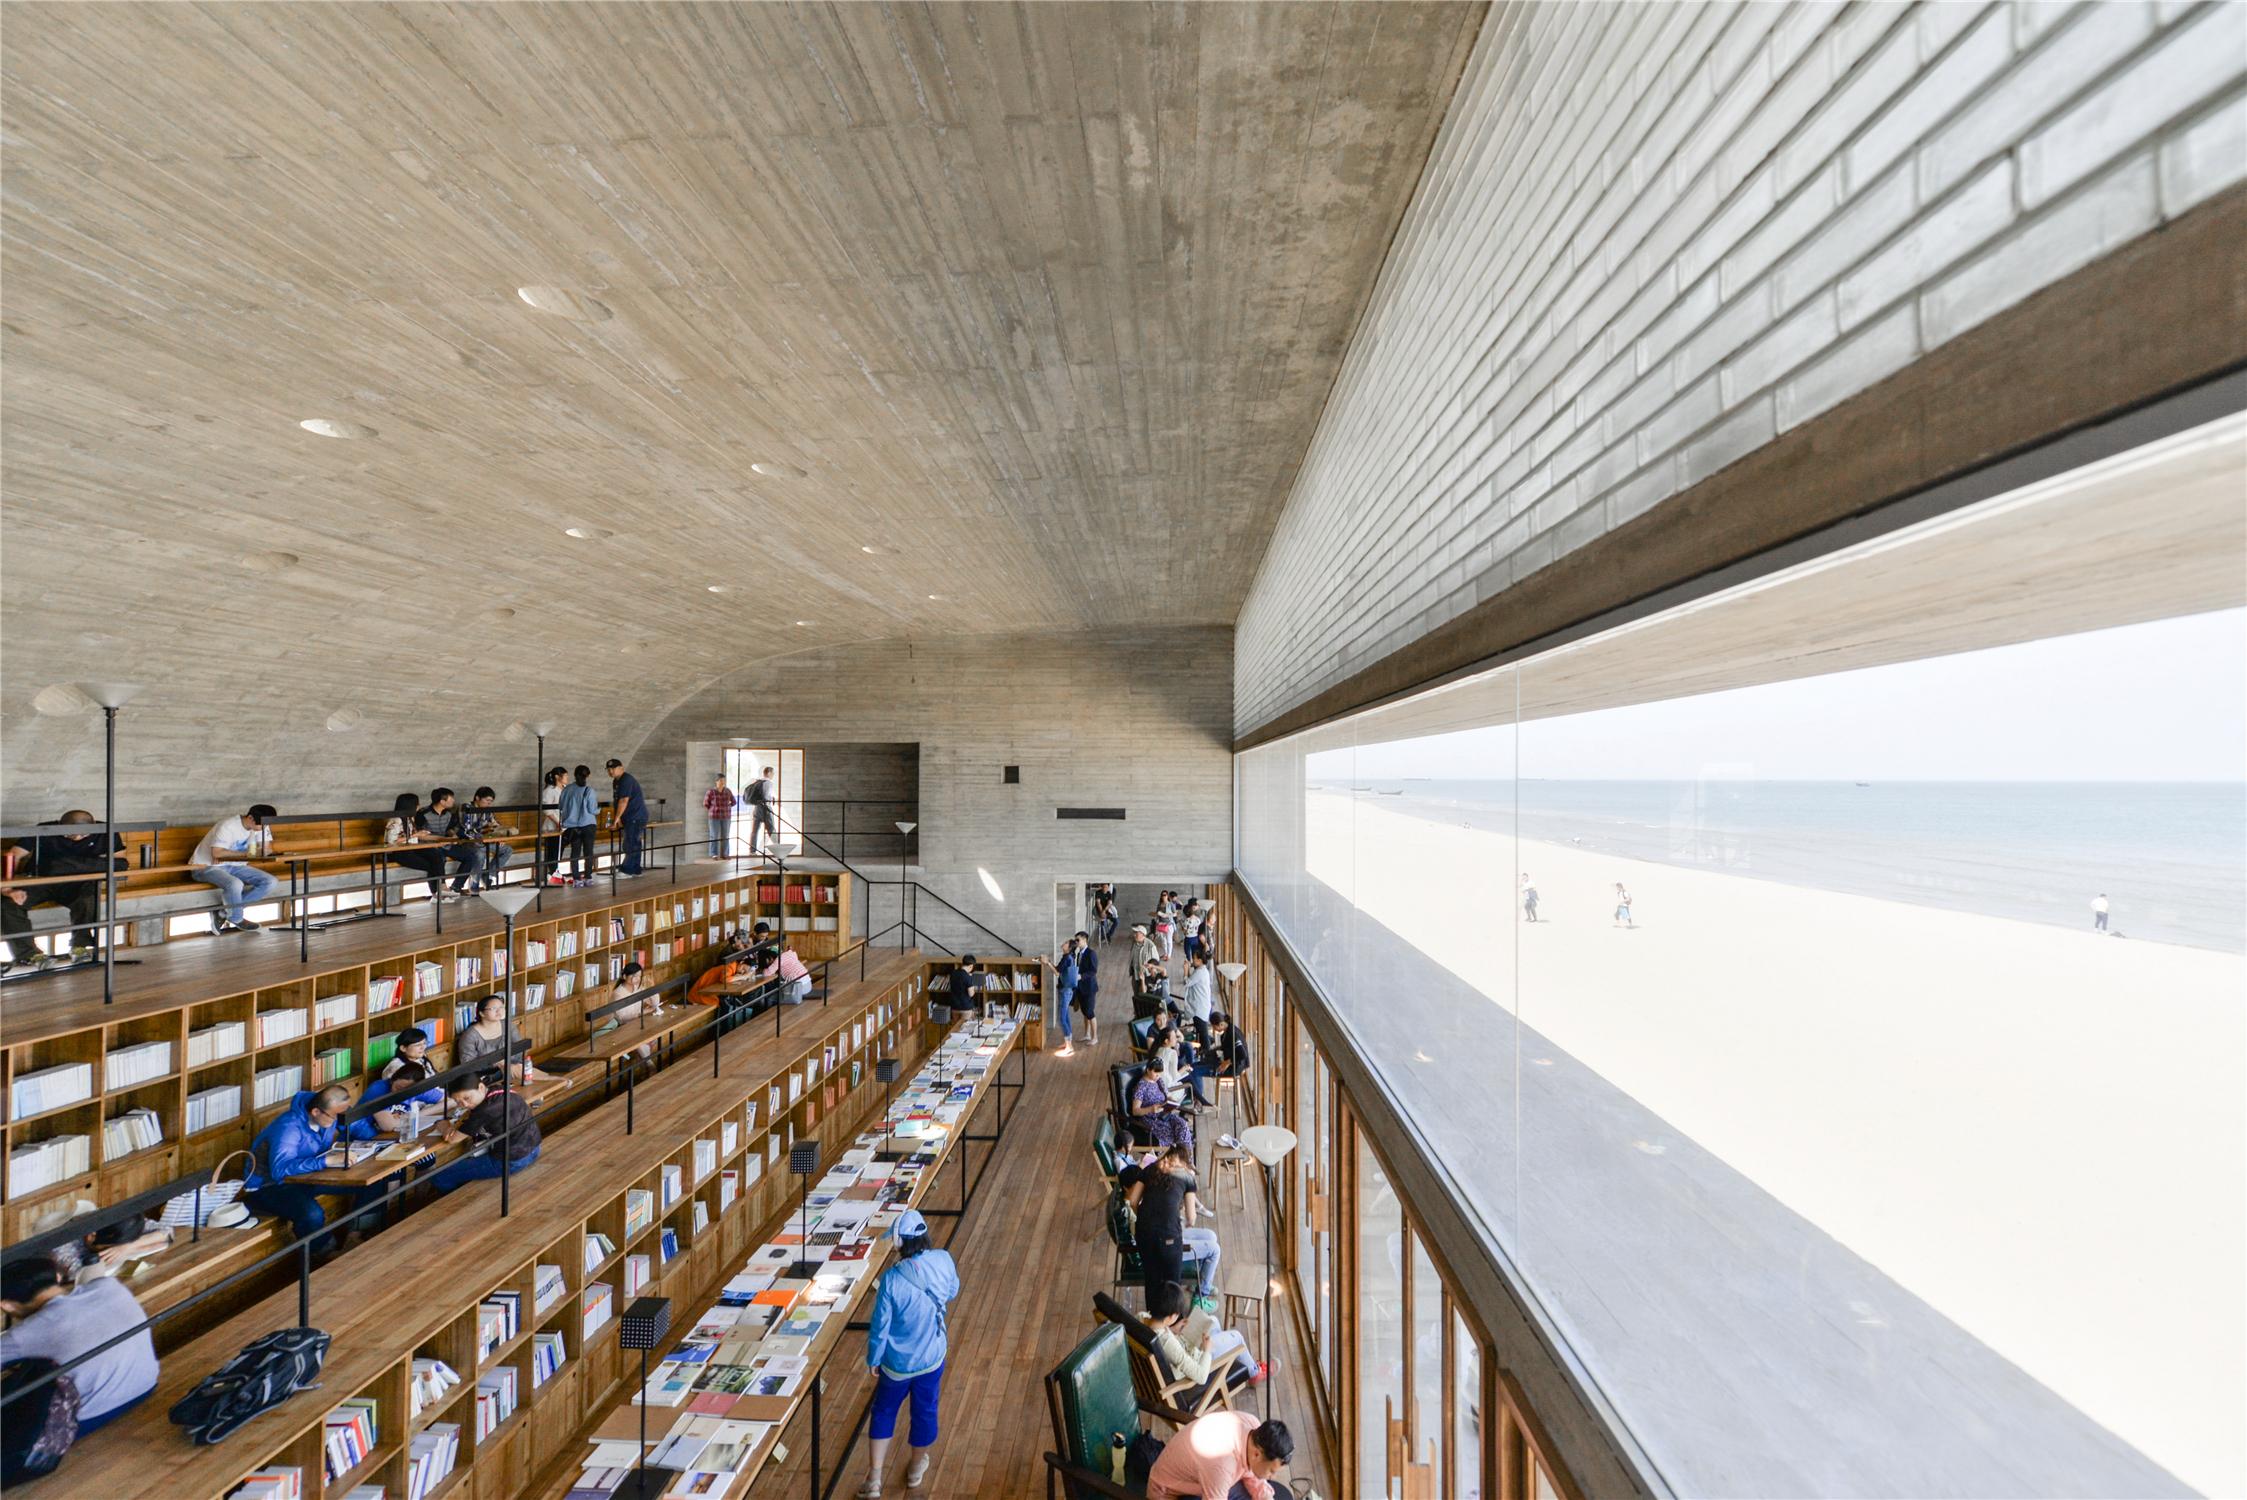 〔안정원의 디자인 칼럼〕 해변 도서관에 바다의 풍경과 빛과 소리의 언어를 담다 2